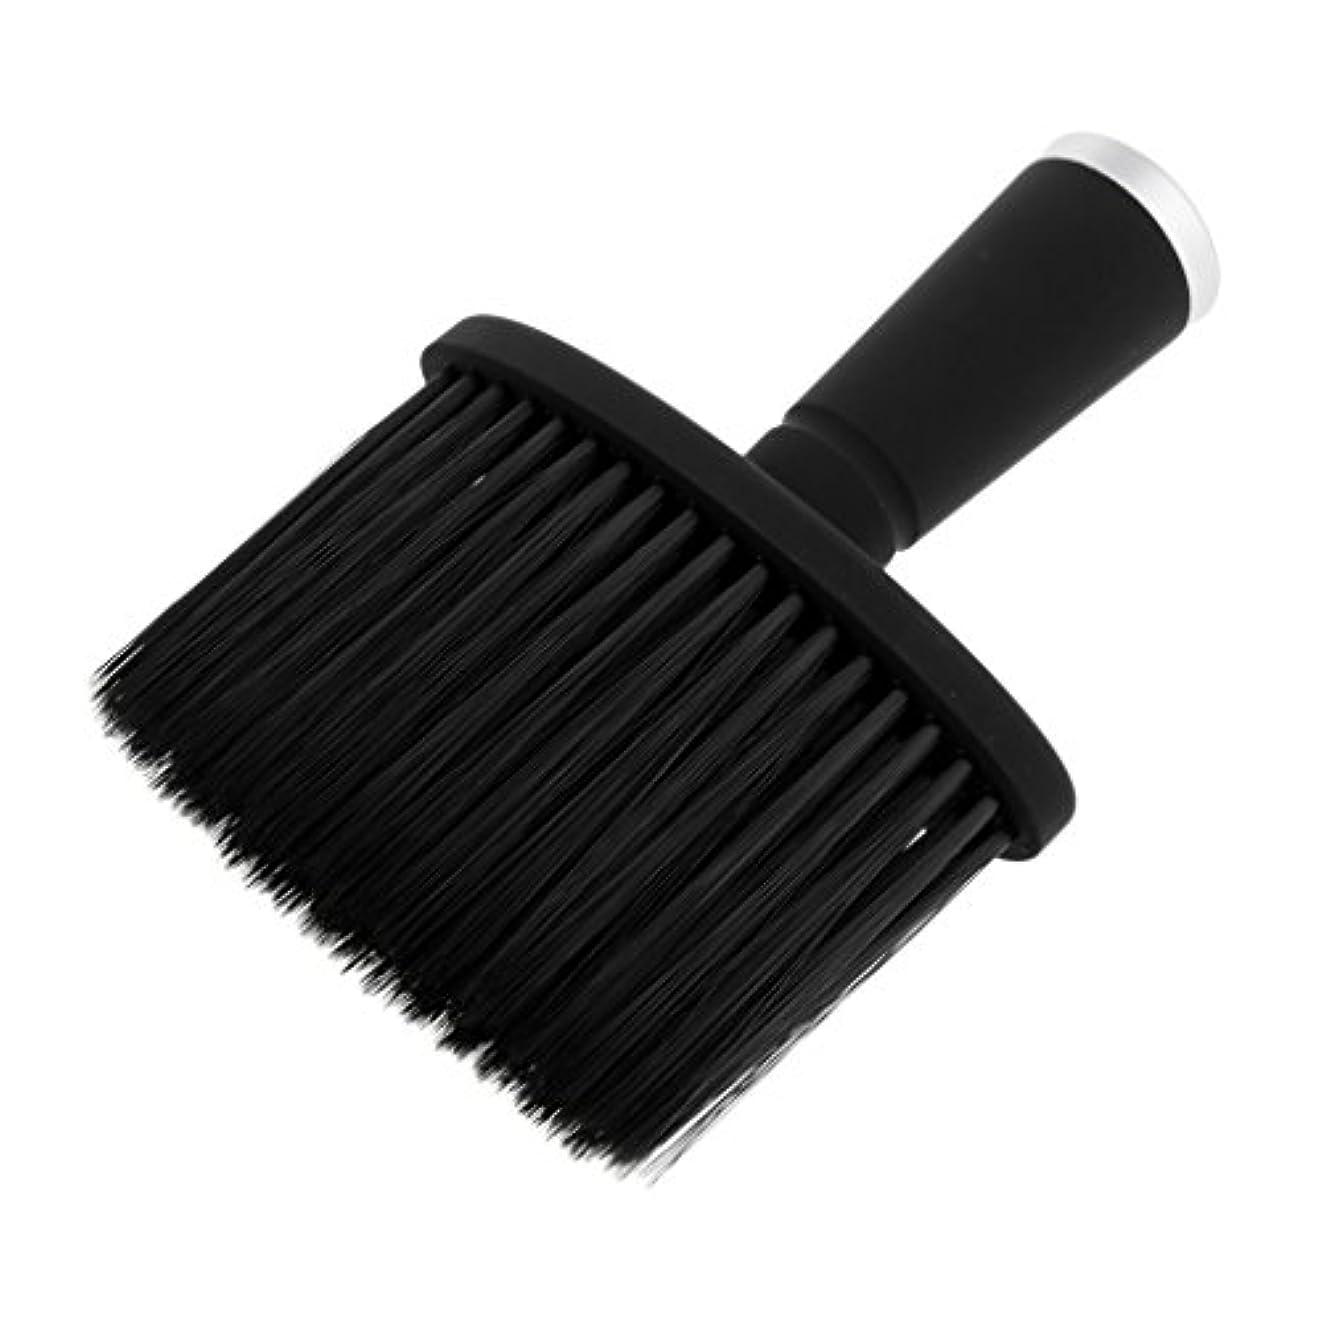 錆び変形磁石大広間のスタイリストの理髪師の毛の切断の構造用具のための柔らかい首の塵払いのブラシ - 銀